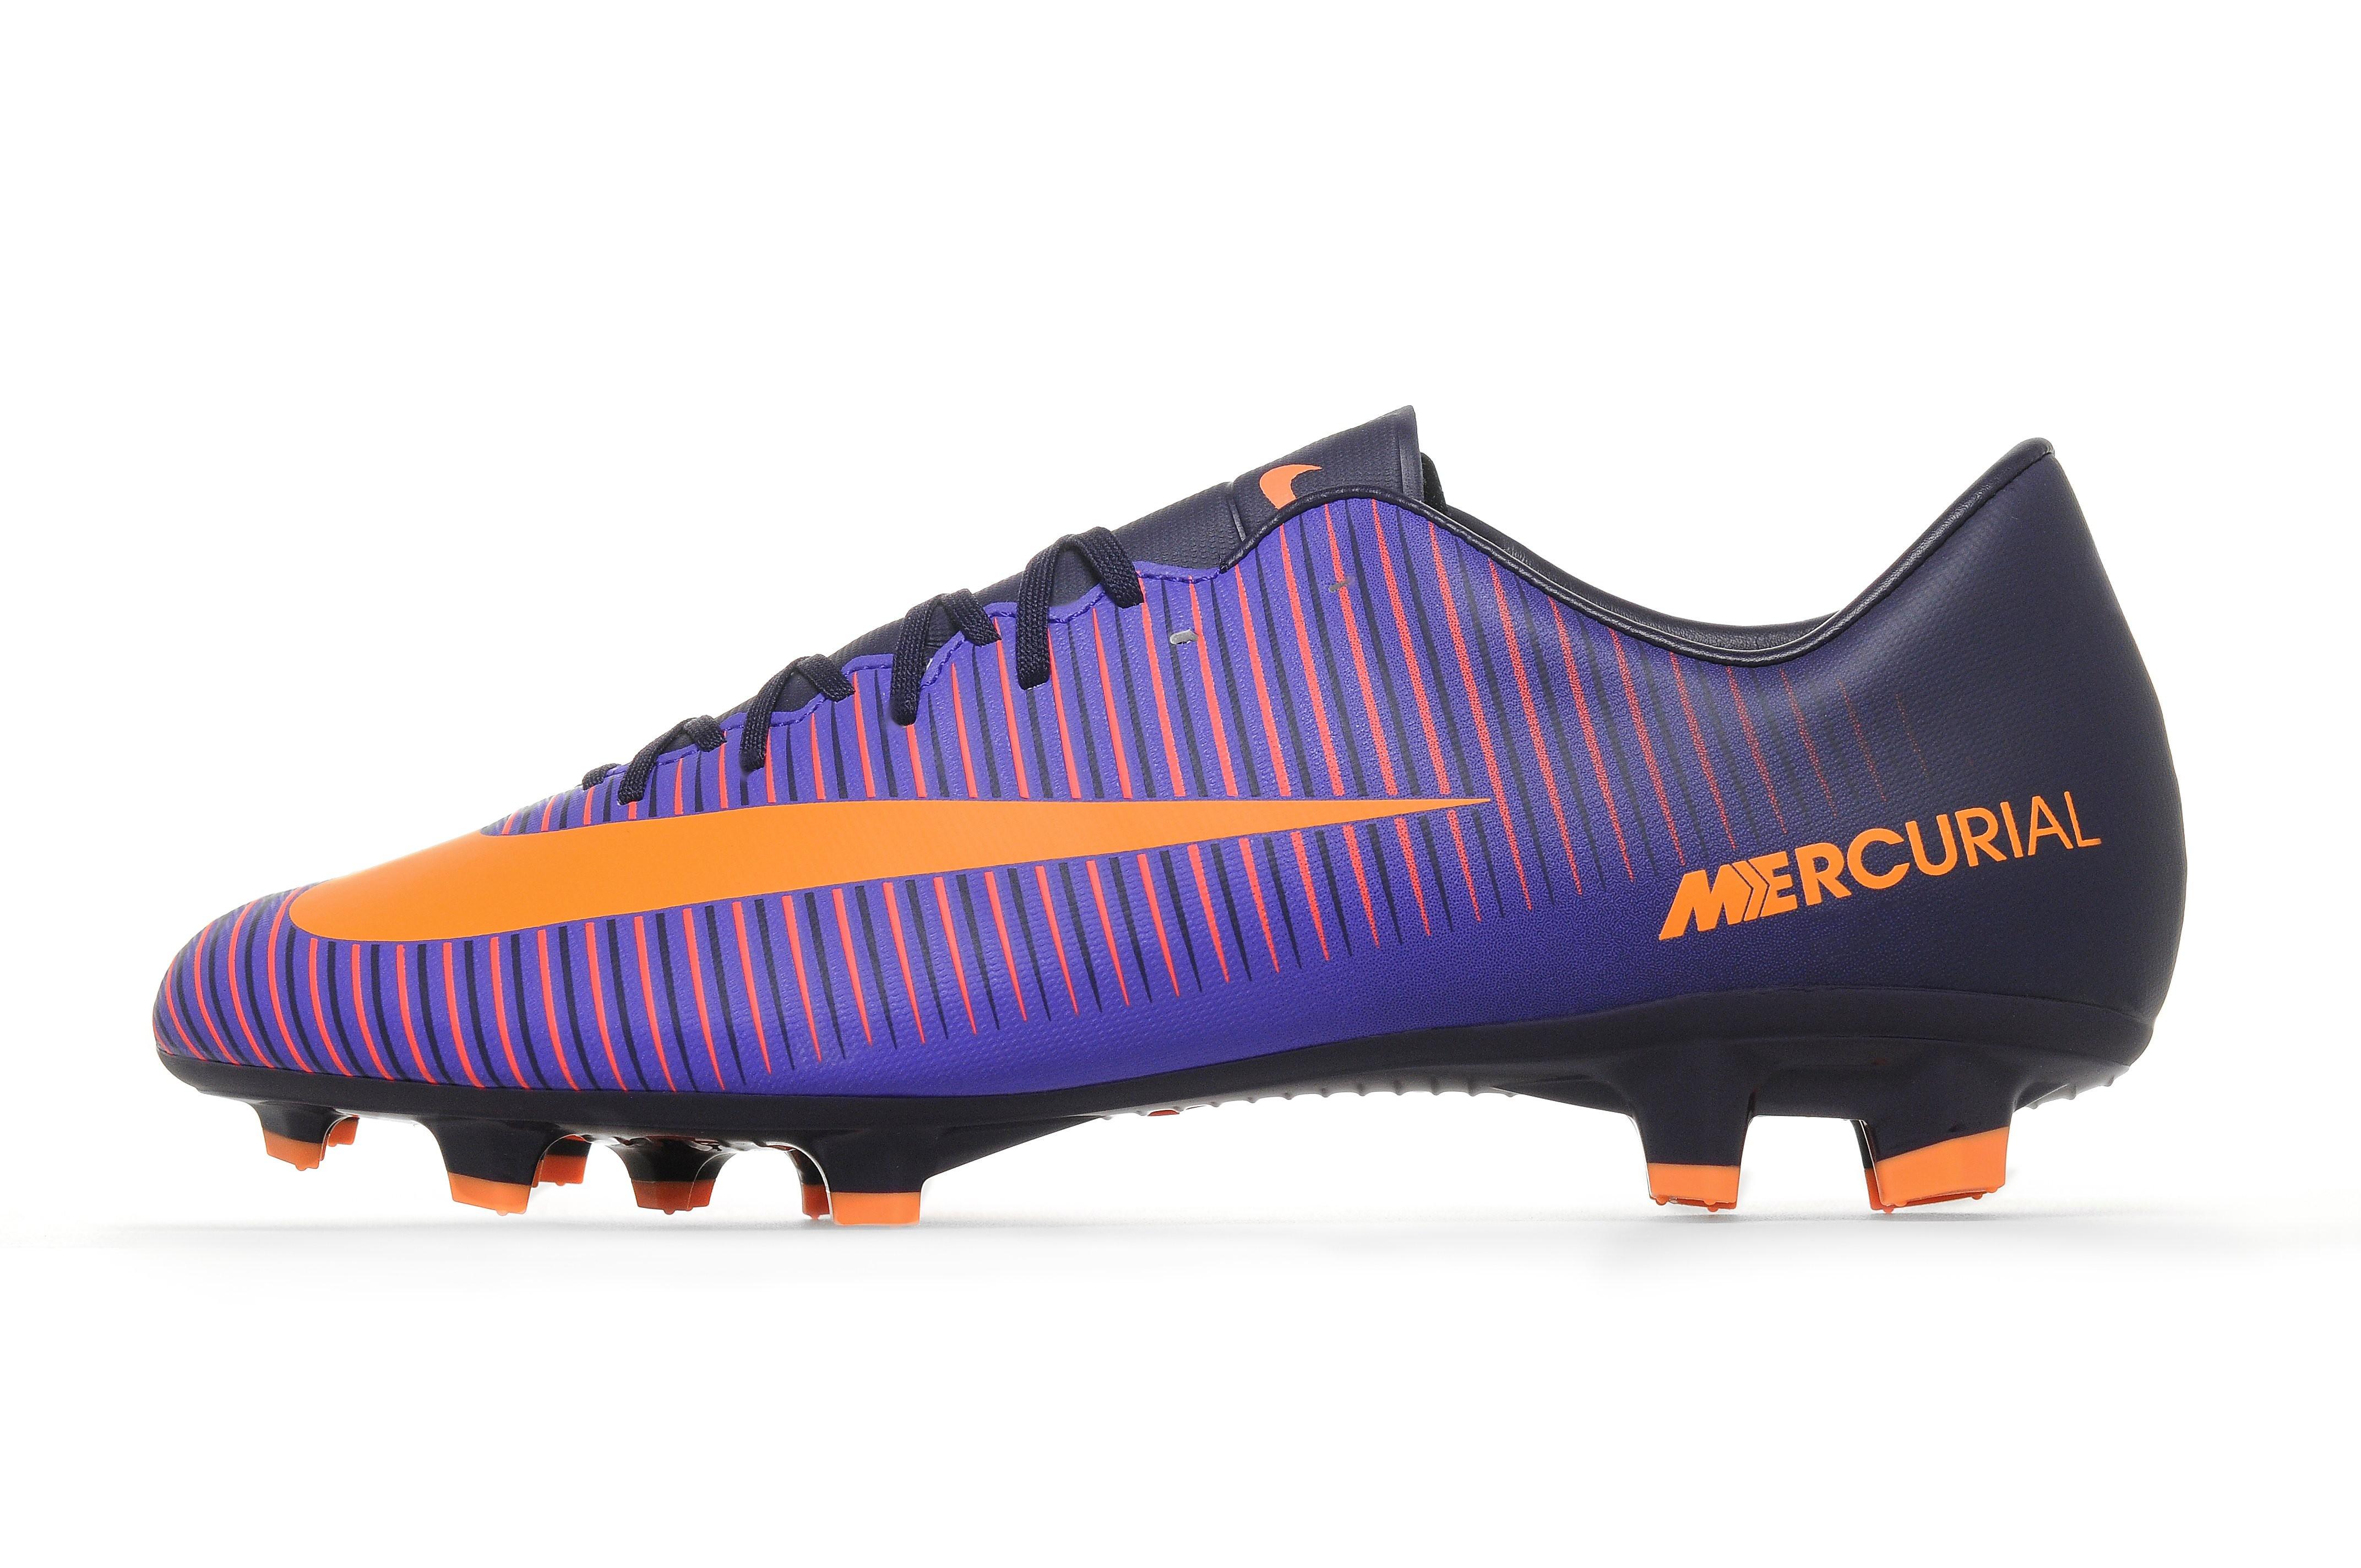 Nike Floodlight Mercurial Victory VI FG